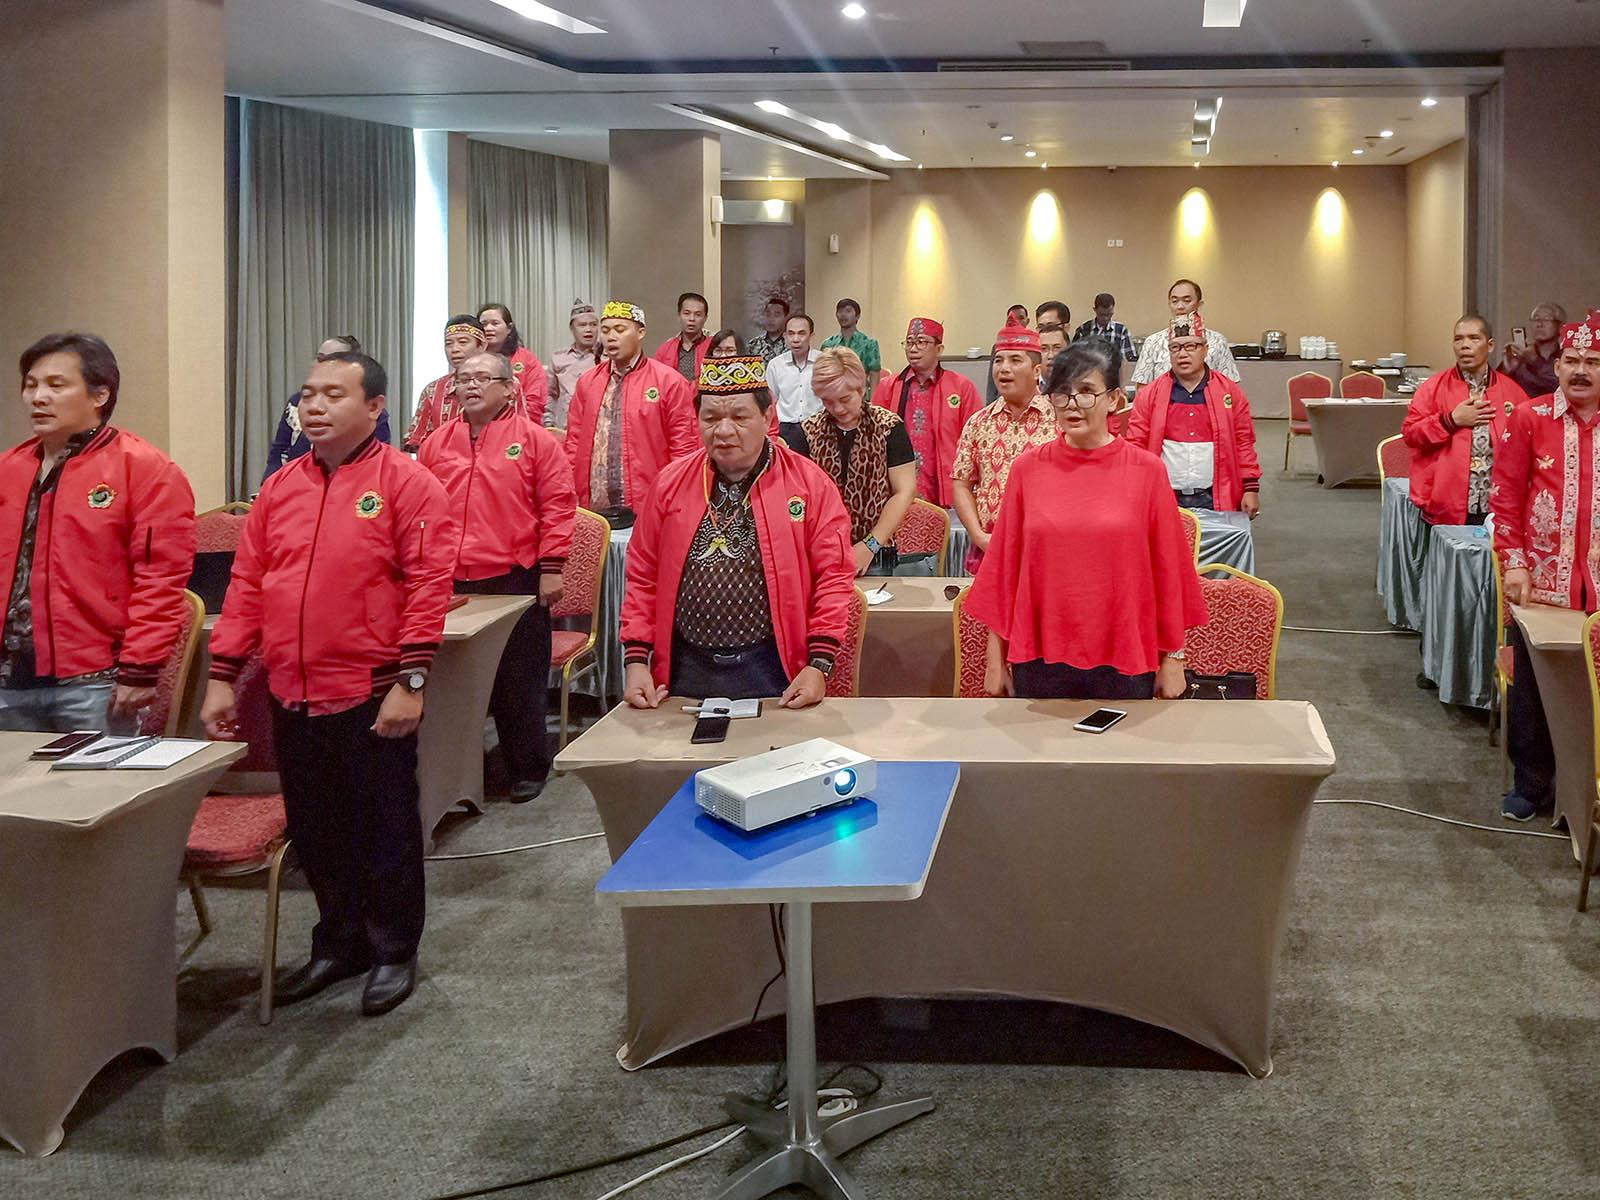 Ibukota di Kalimantan, Orang Dayak Harus Ada di Kabinet